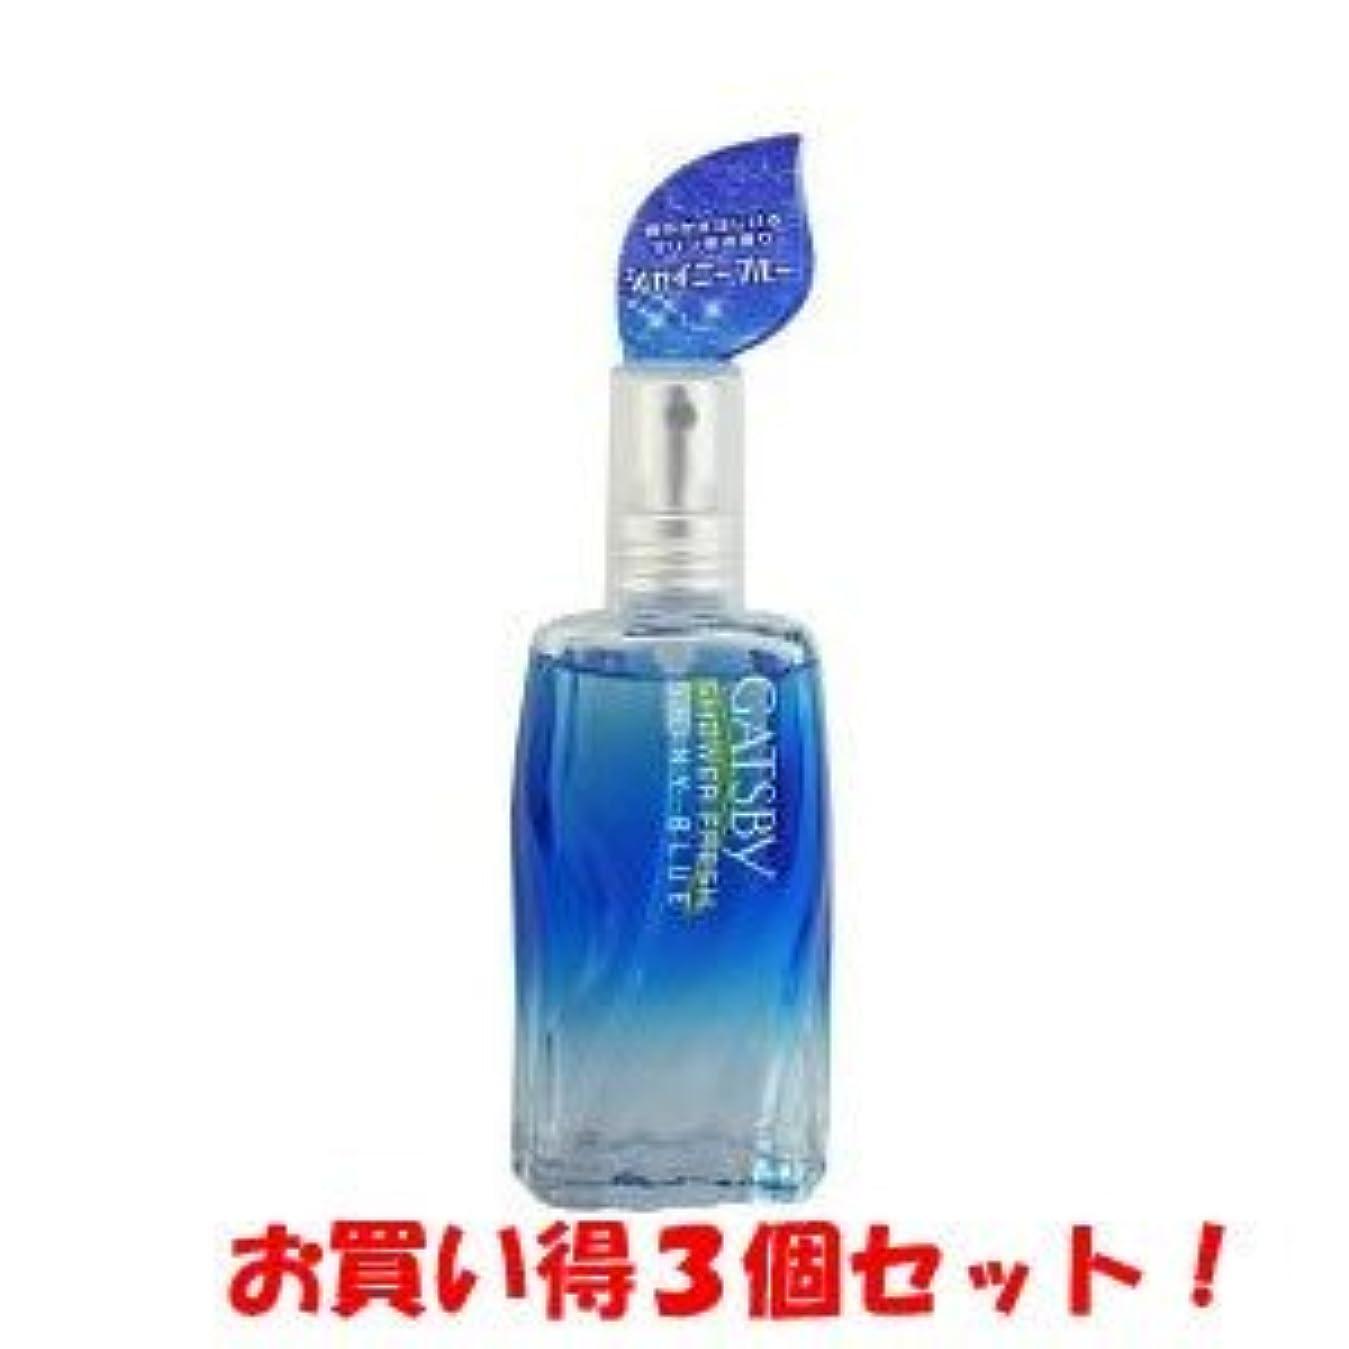 多様性健康くしゃくしゃギャツビー【GATSBY】シャワーフレッシュ シャイニーブルー 60ml(お買い得3個セット)